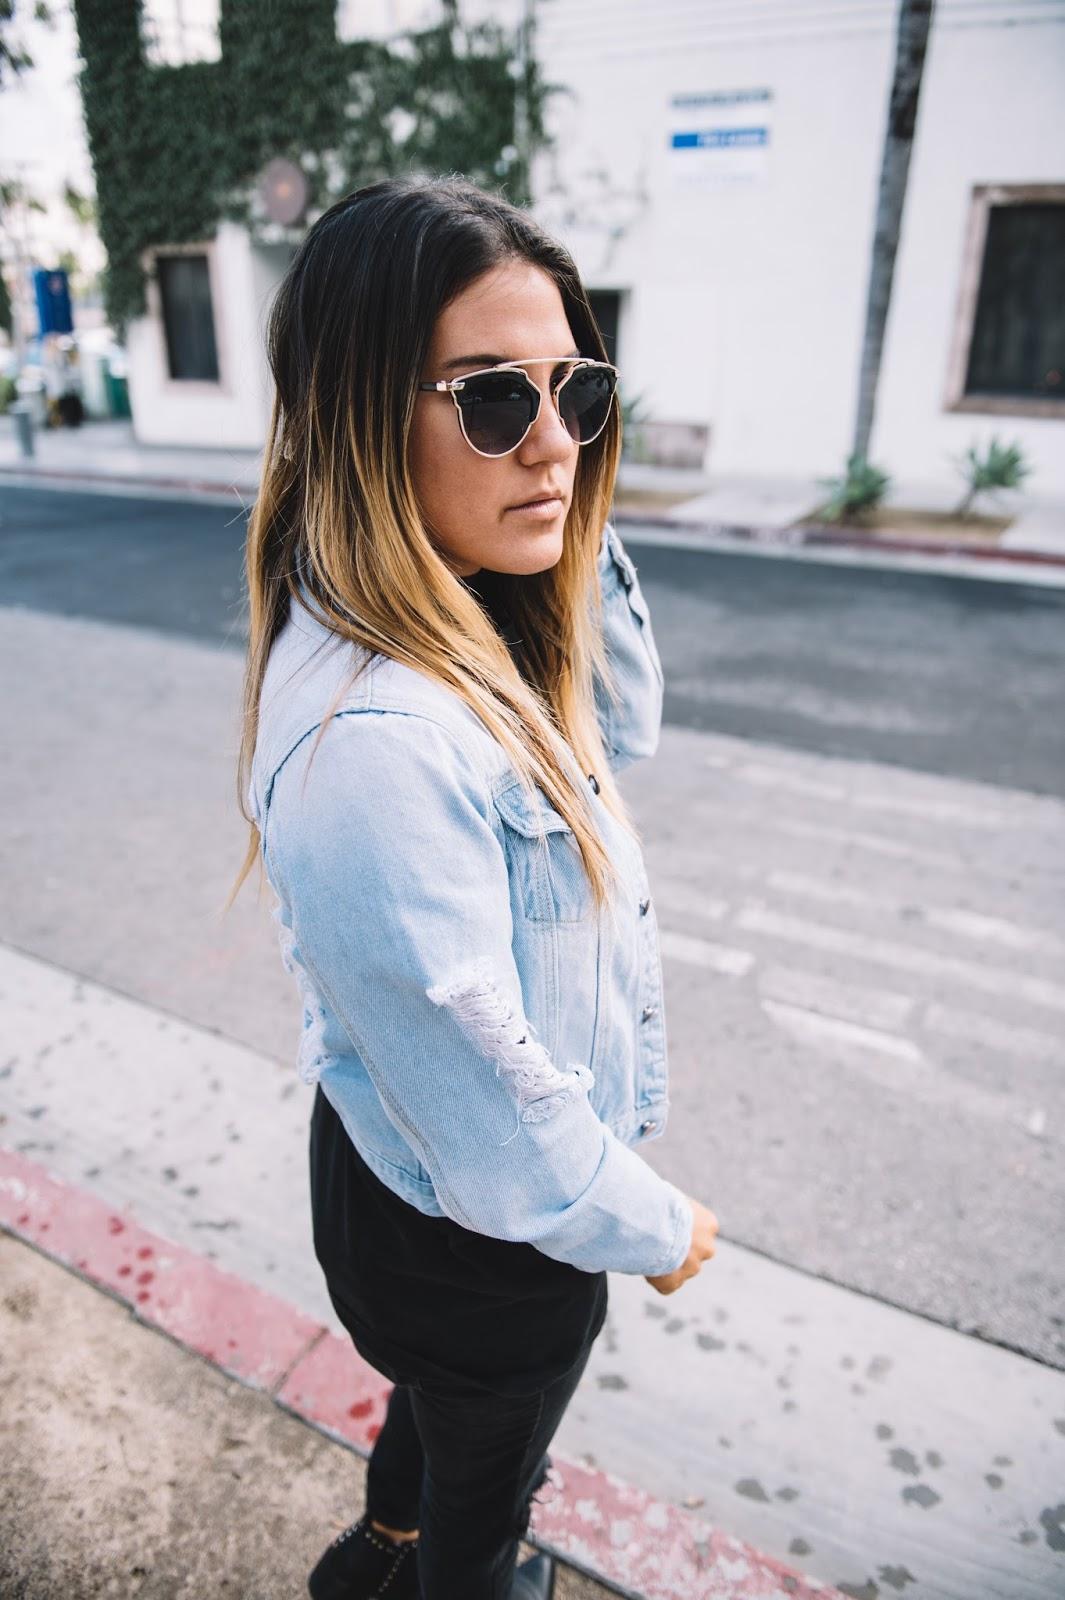 Style Blogger @taylorwinkelmeyer